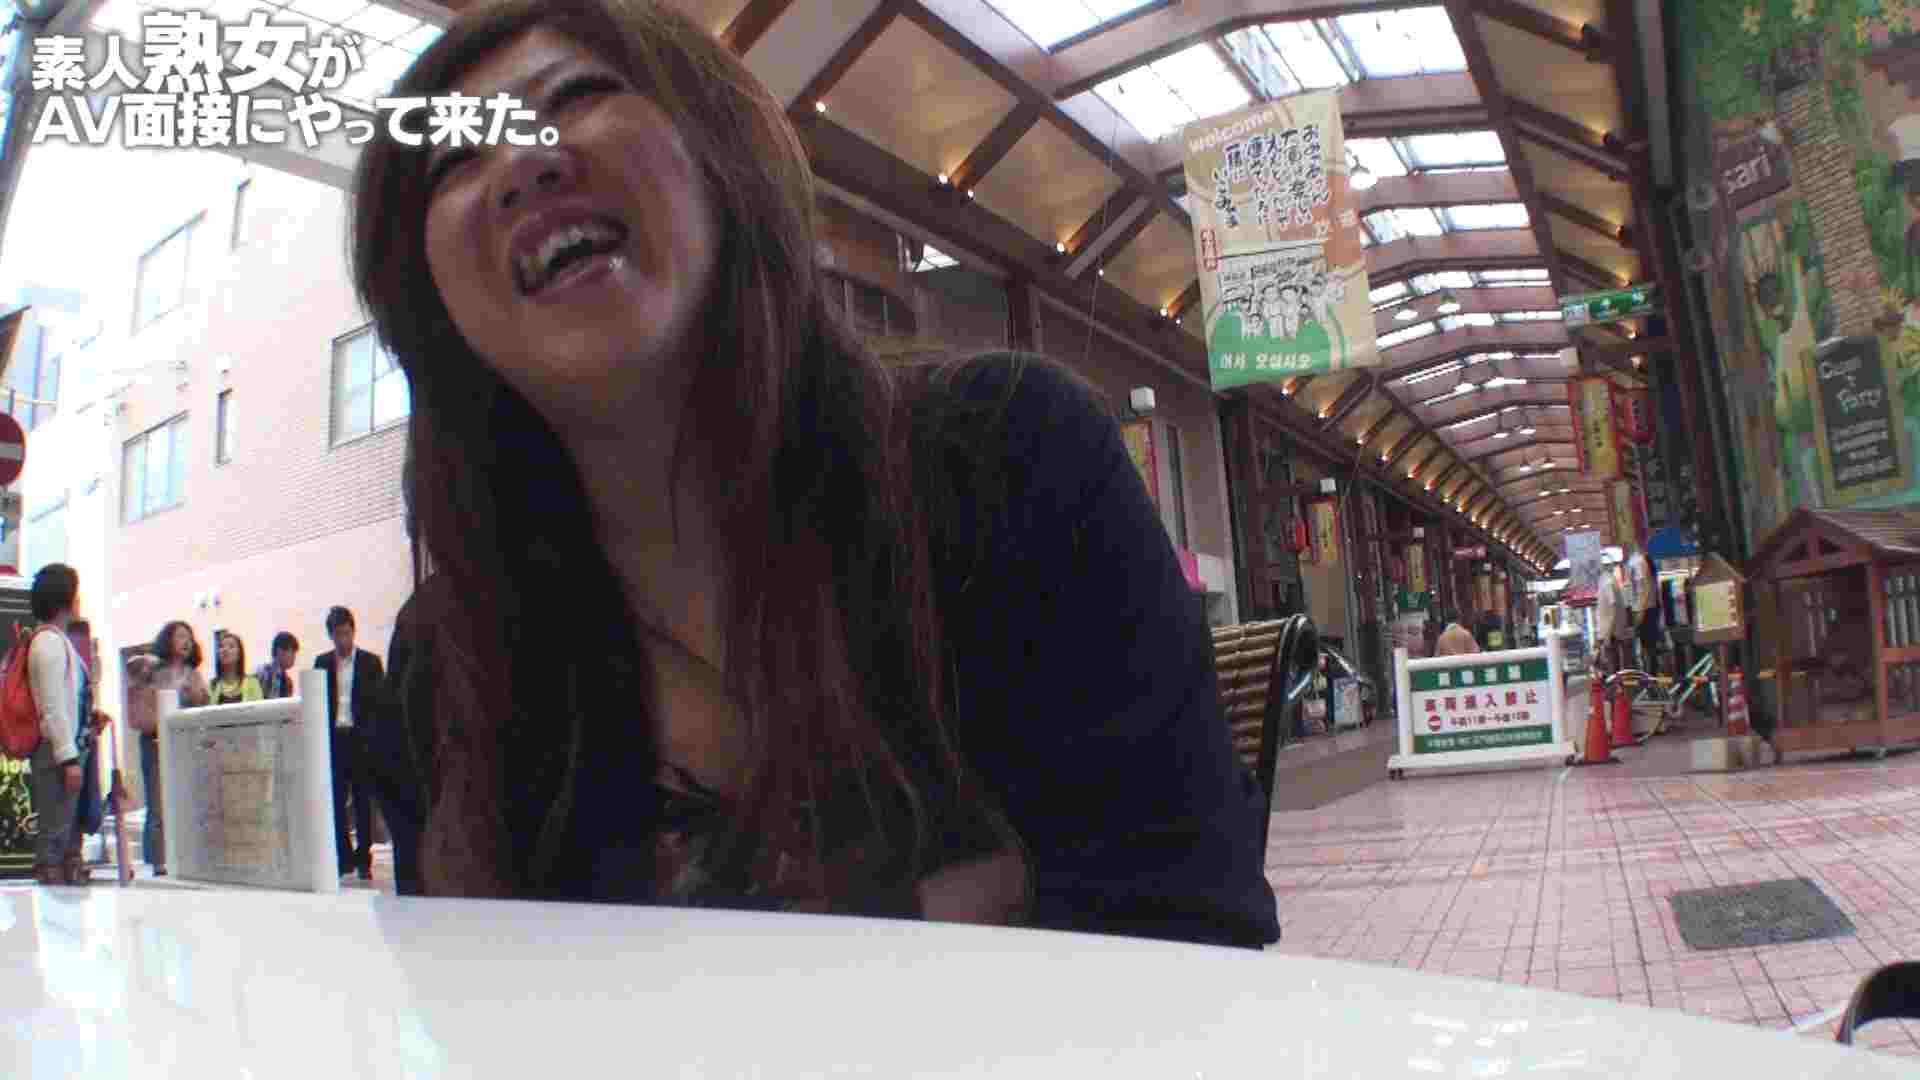 素人熟女がAV面接にやってきた (仮名)ゆかさんVOL.01 セックス映像 オメコ無修正動画無料 57pic 49